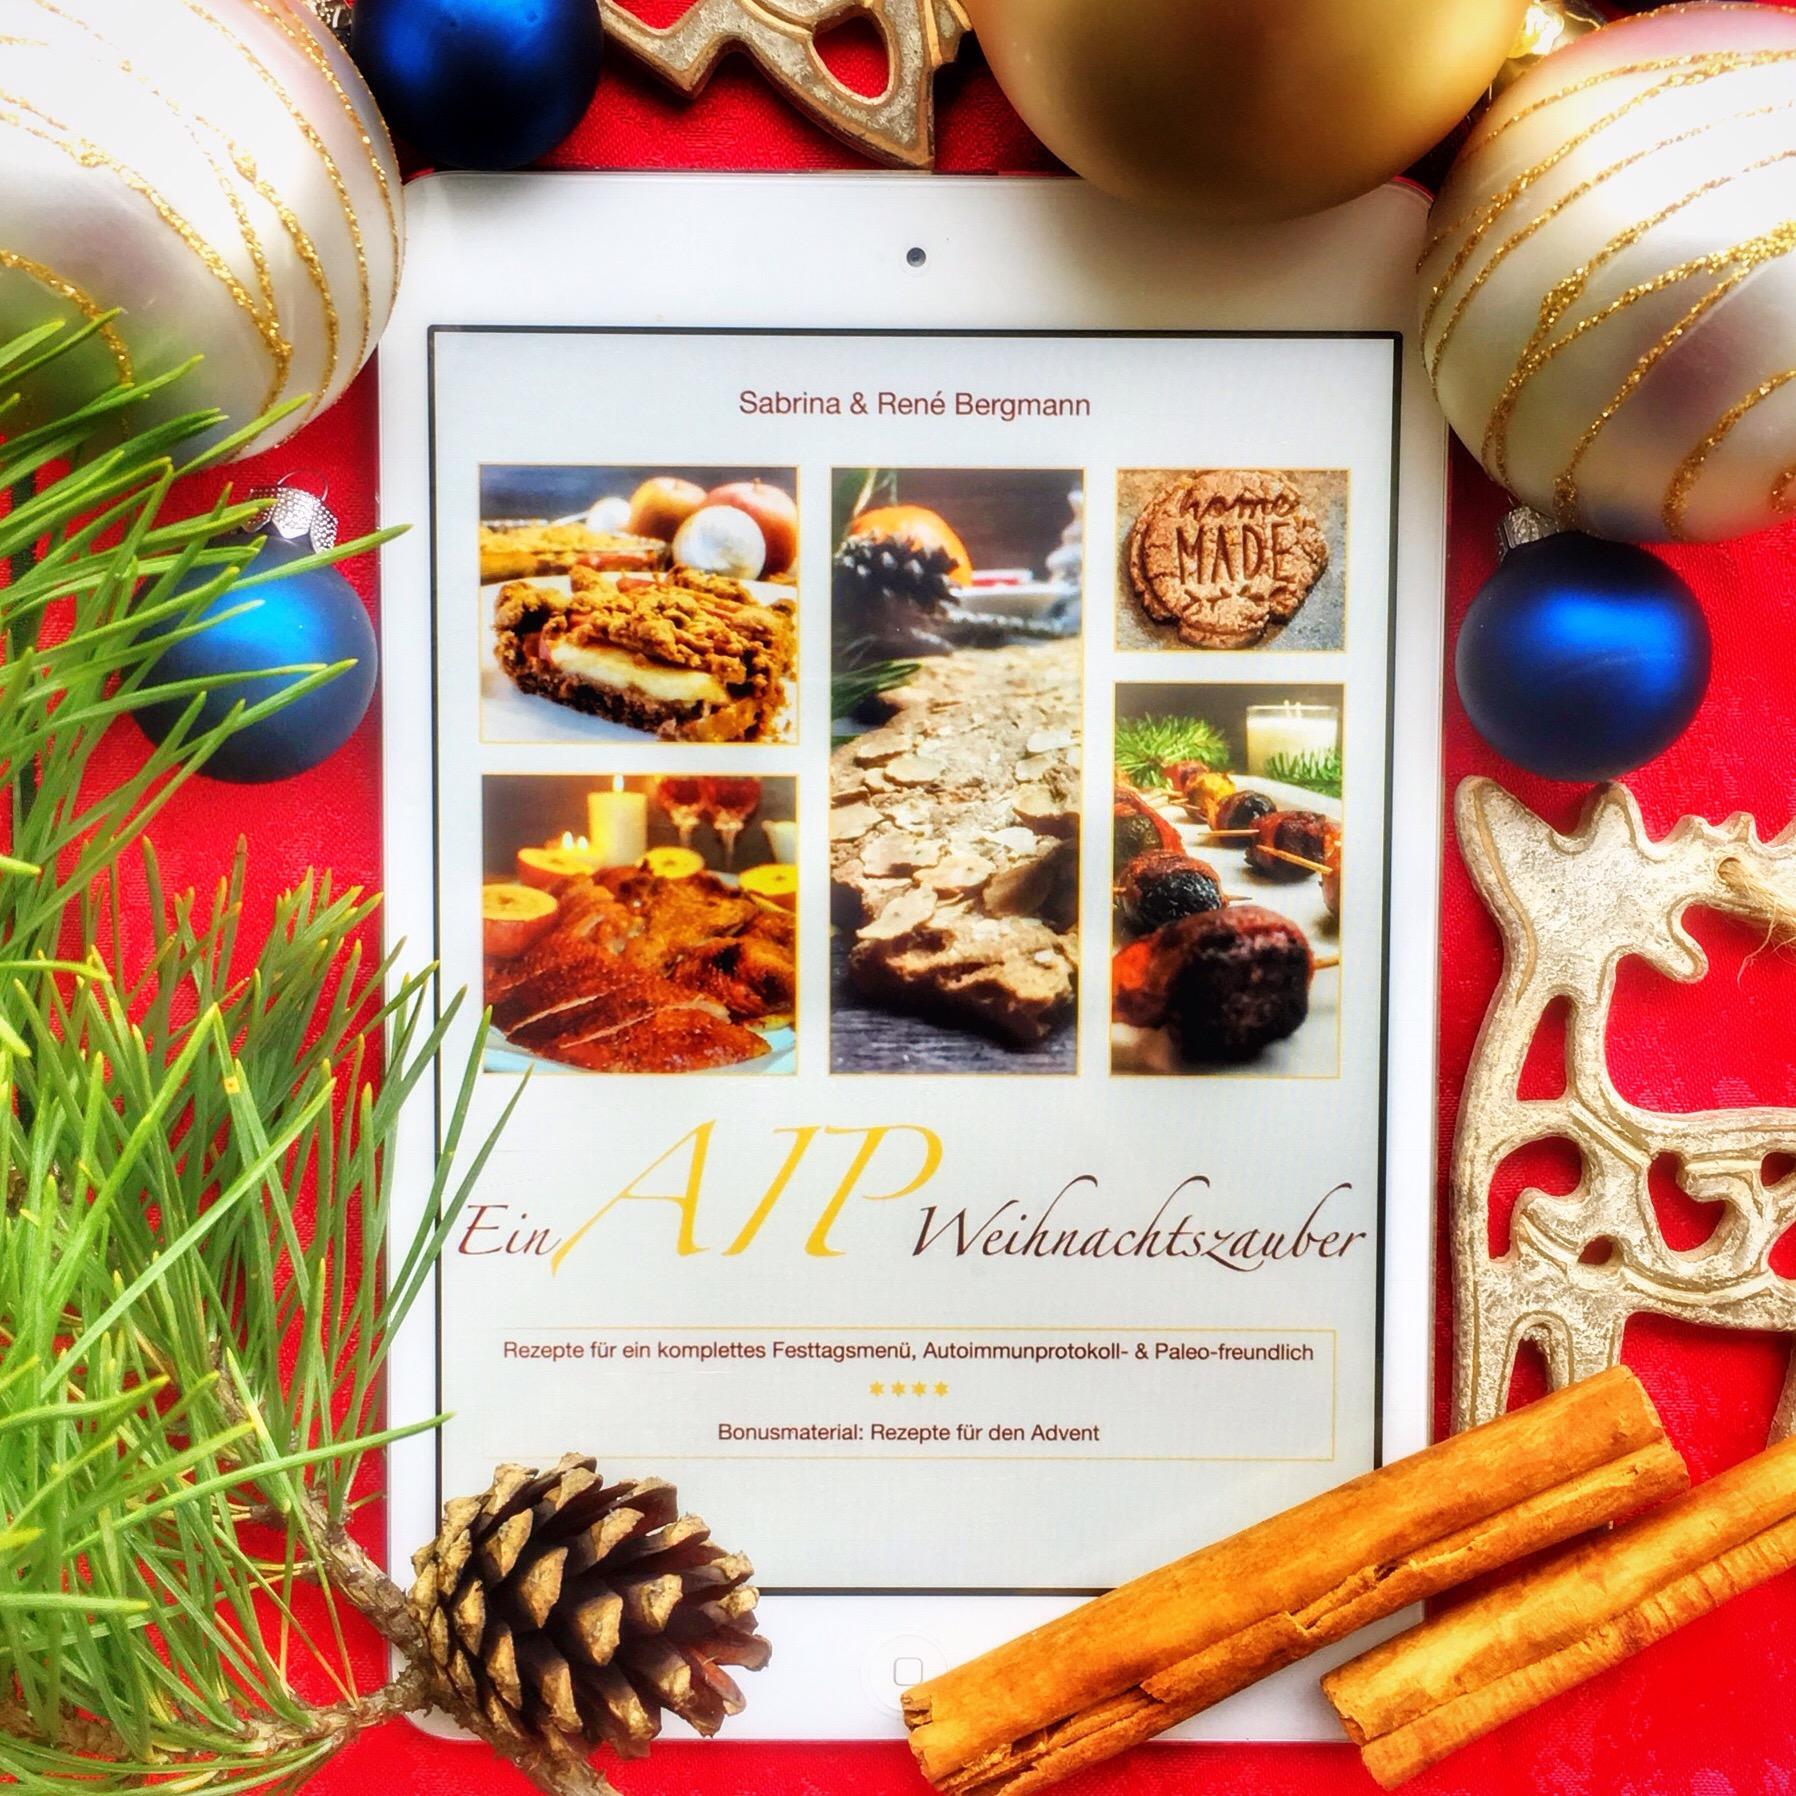 Weihnachten AIP und Paleo - konform. Wir zeigen dir ein ganzes Menü plus Rezepte für den Advent. So macht Weihnachten mit dem Autoimmunprotokoll Spass!